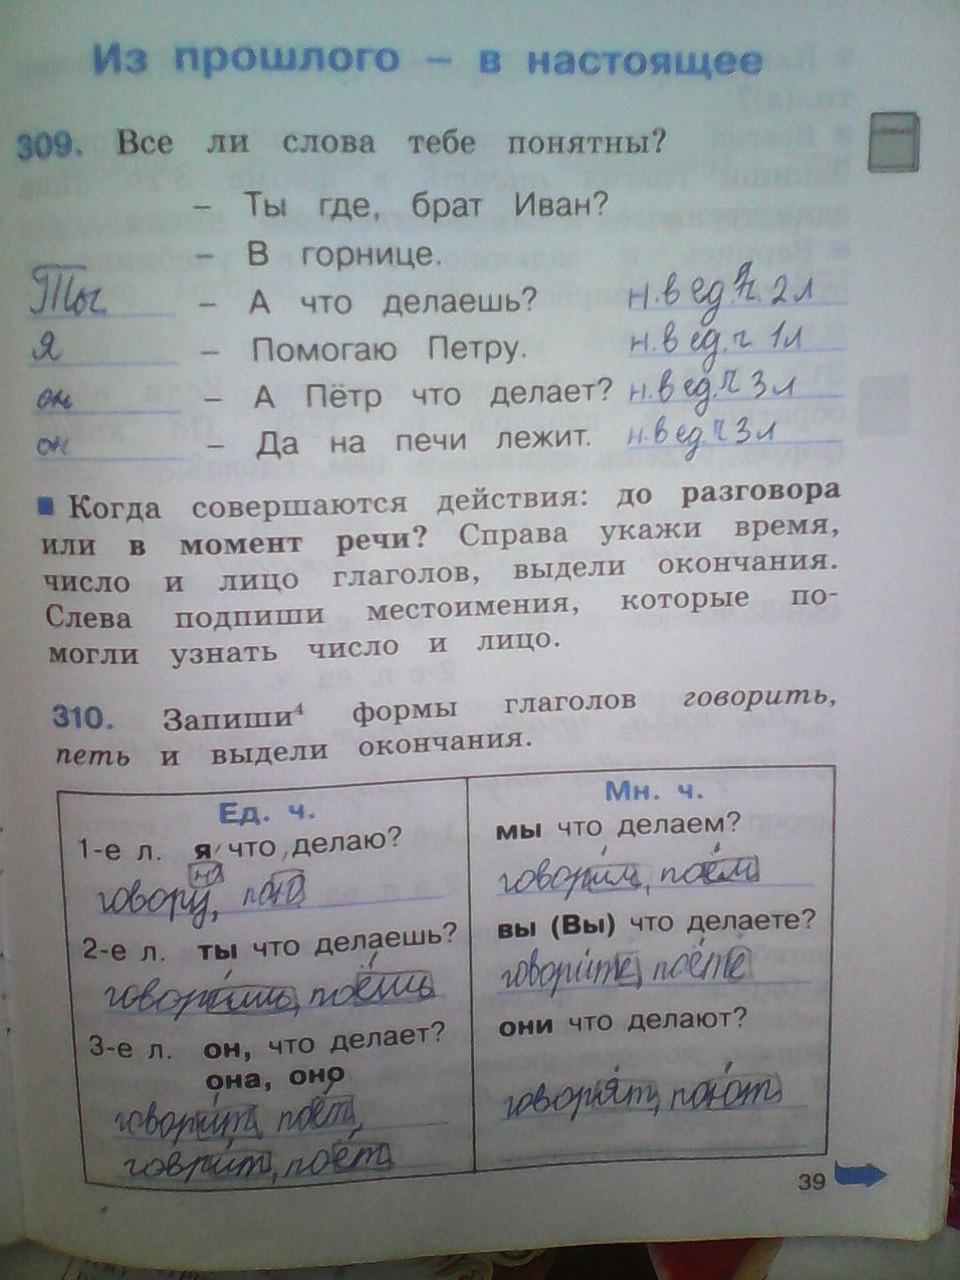 соловейчик класс по 323 гдз кузьменко русскому языку 4 номер